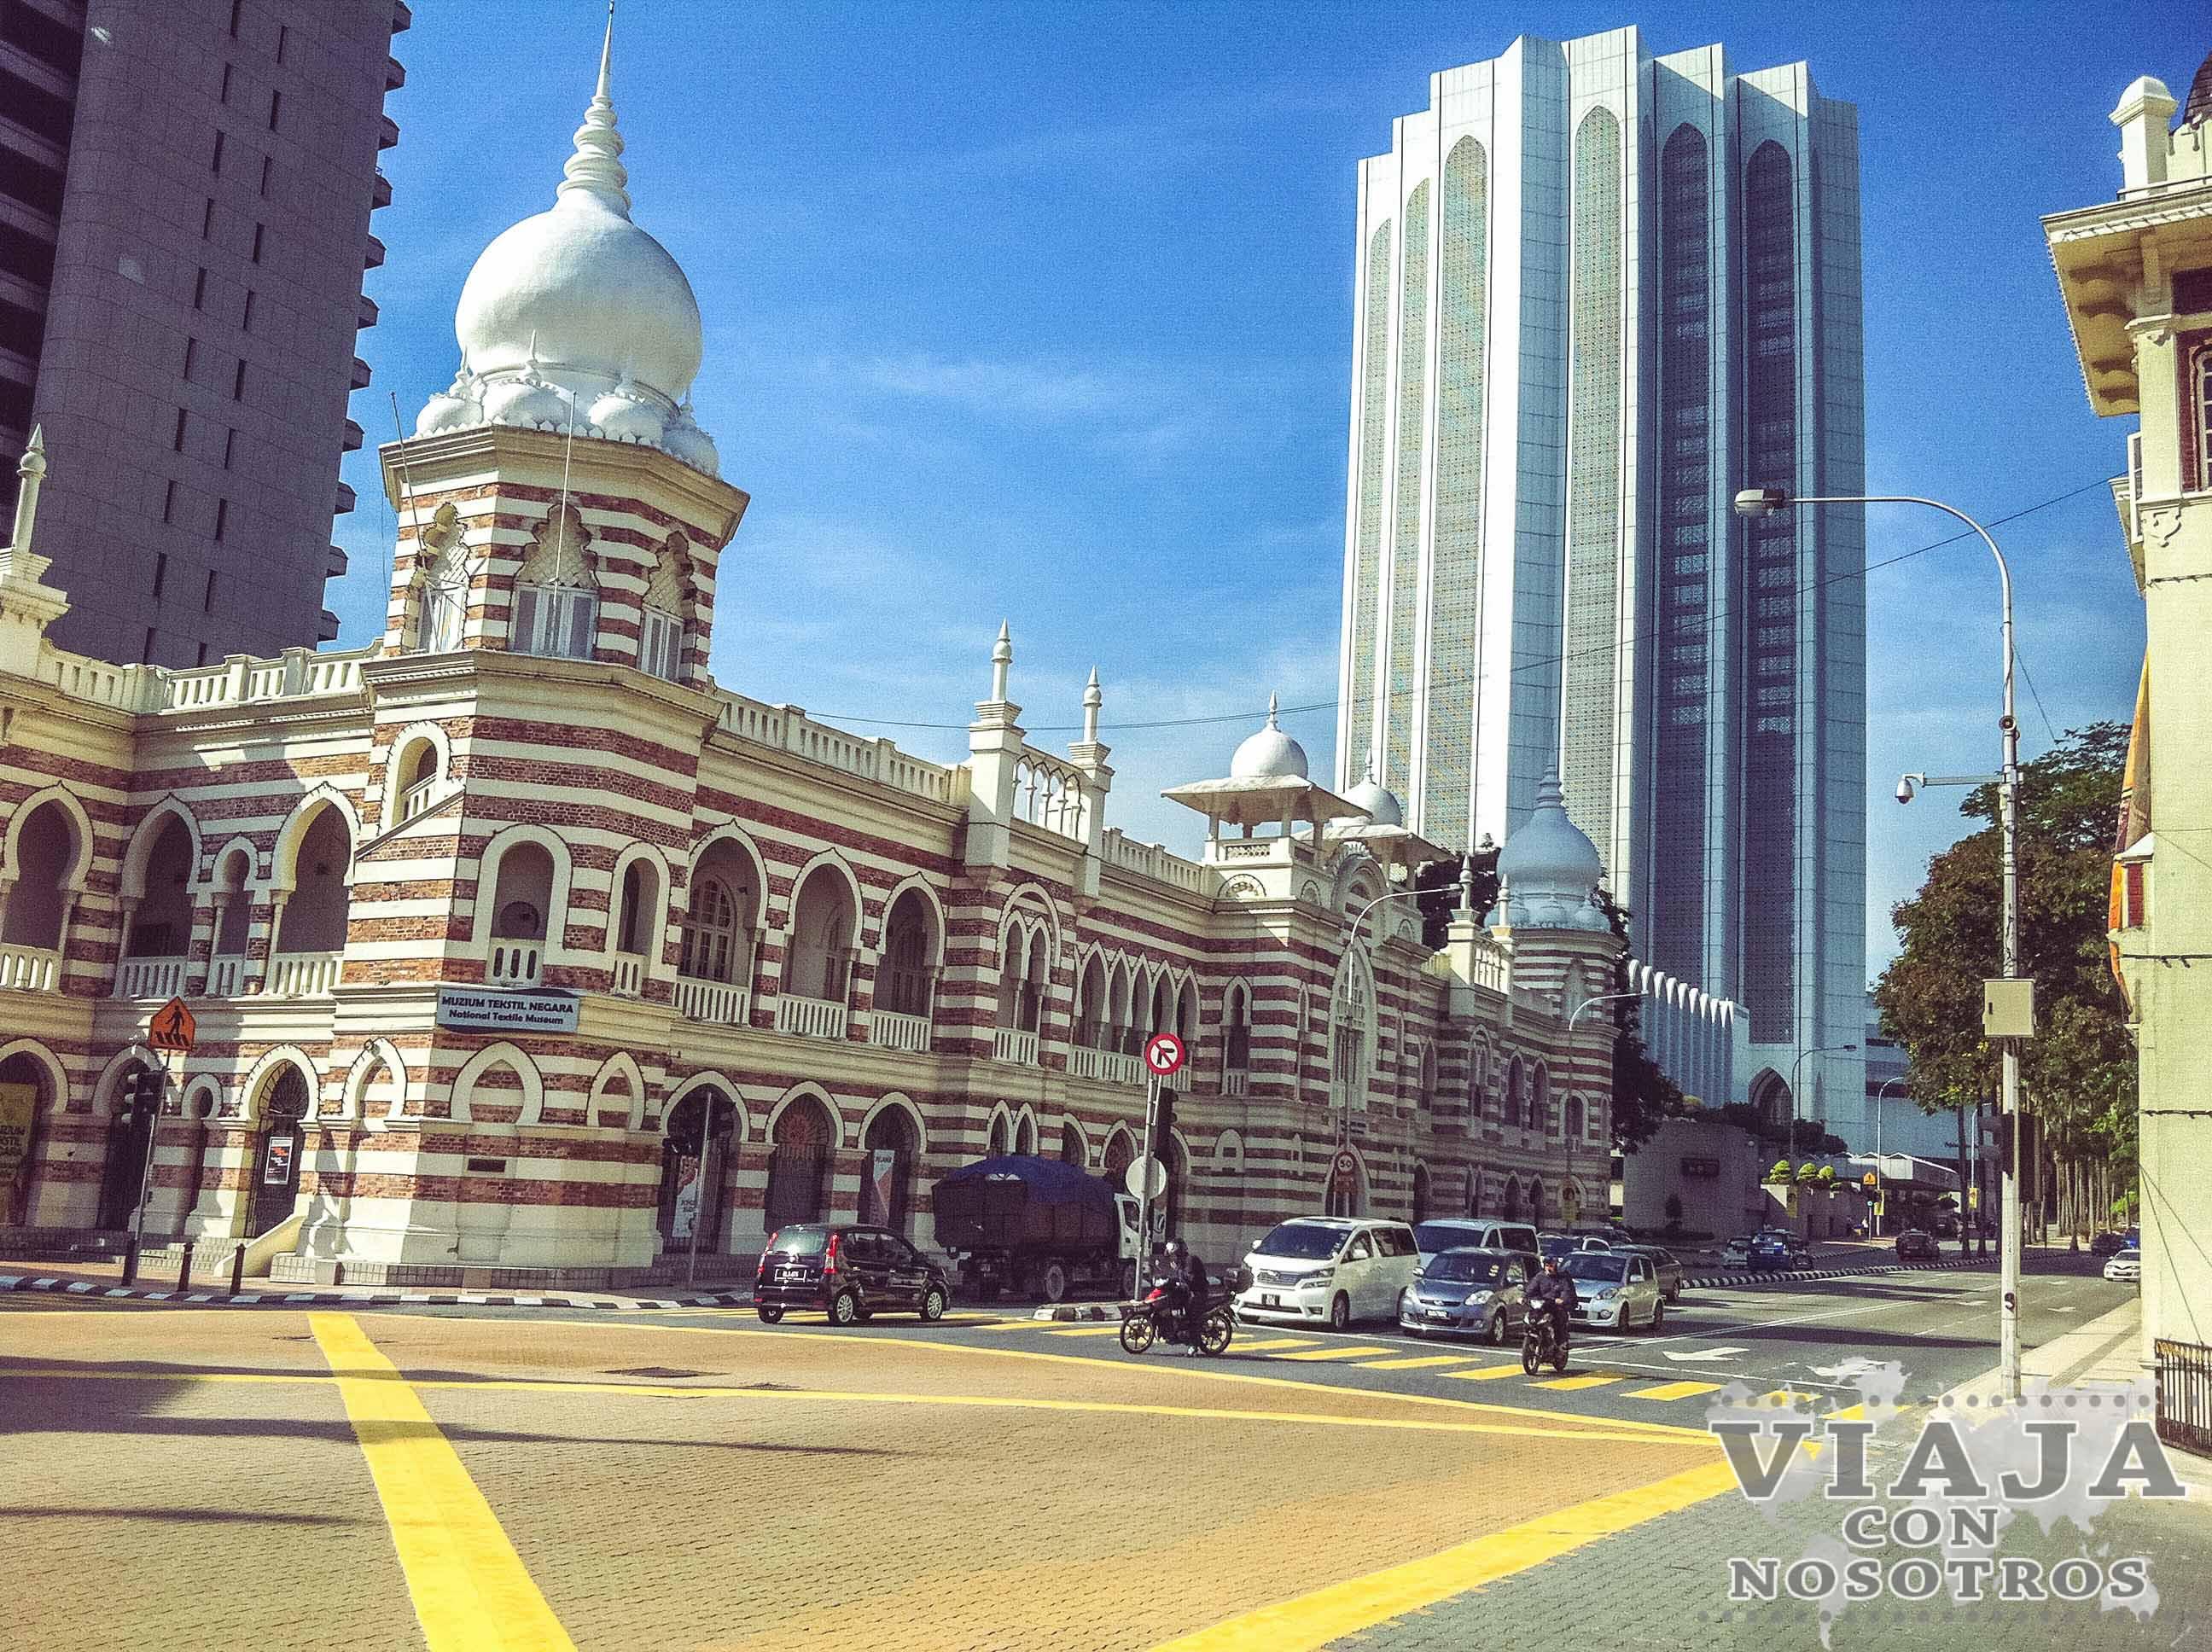 Plaza Merdeka Kuala Lumpur